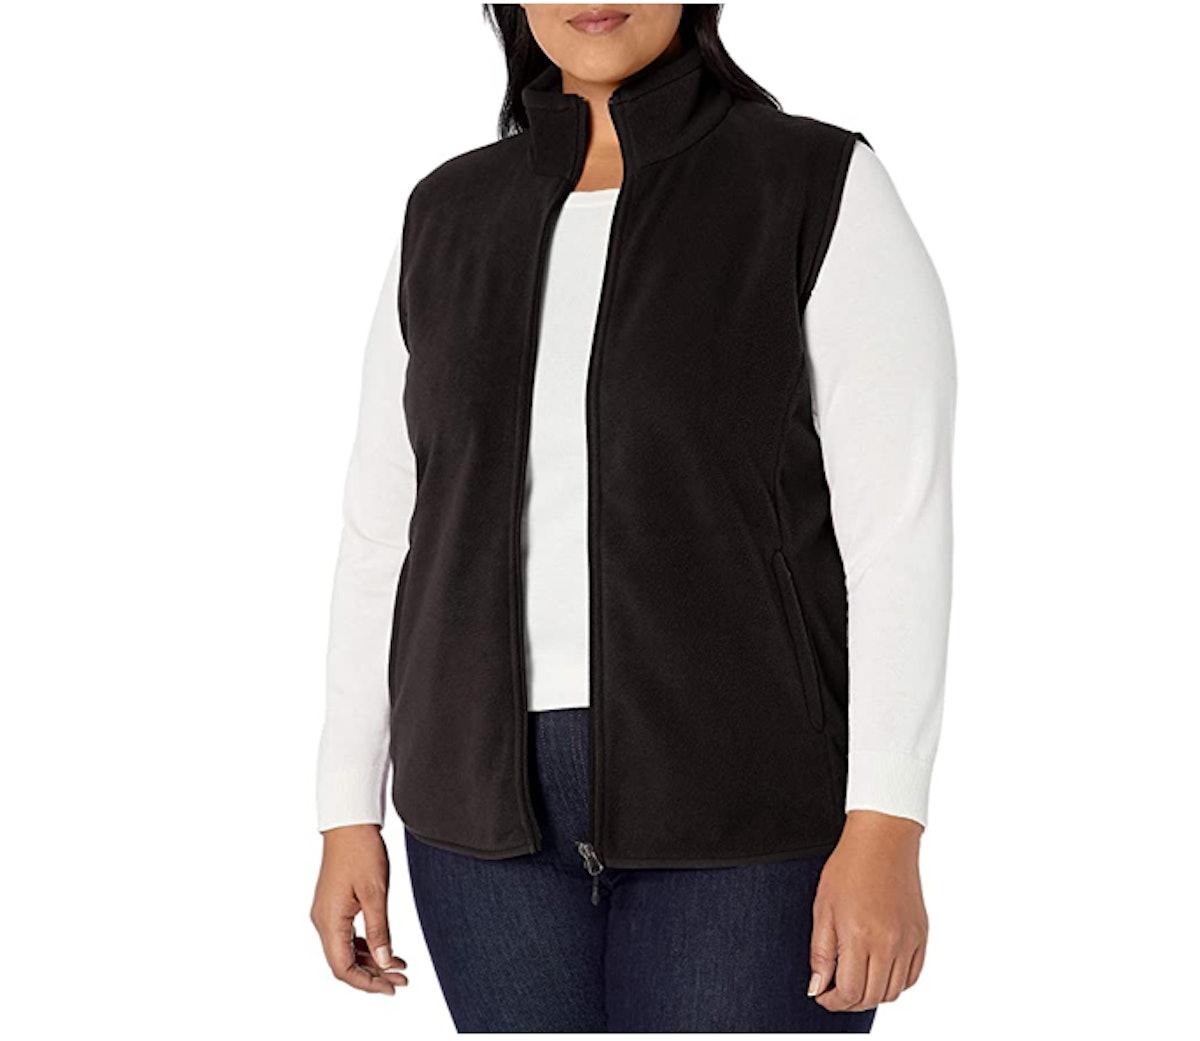 Amazon Essentials Plus-Size Full-Zip Fleece Vest